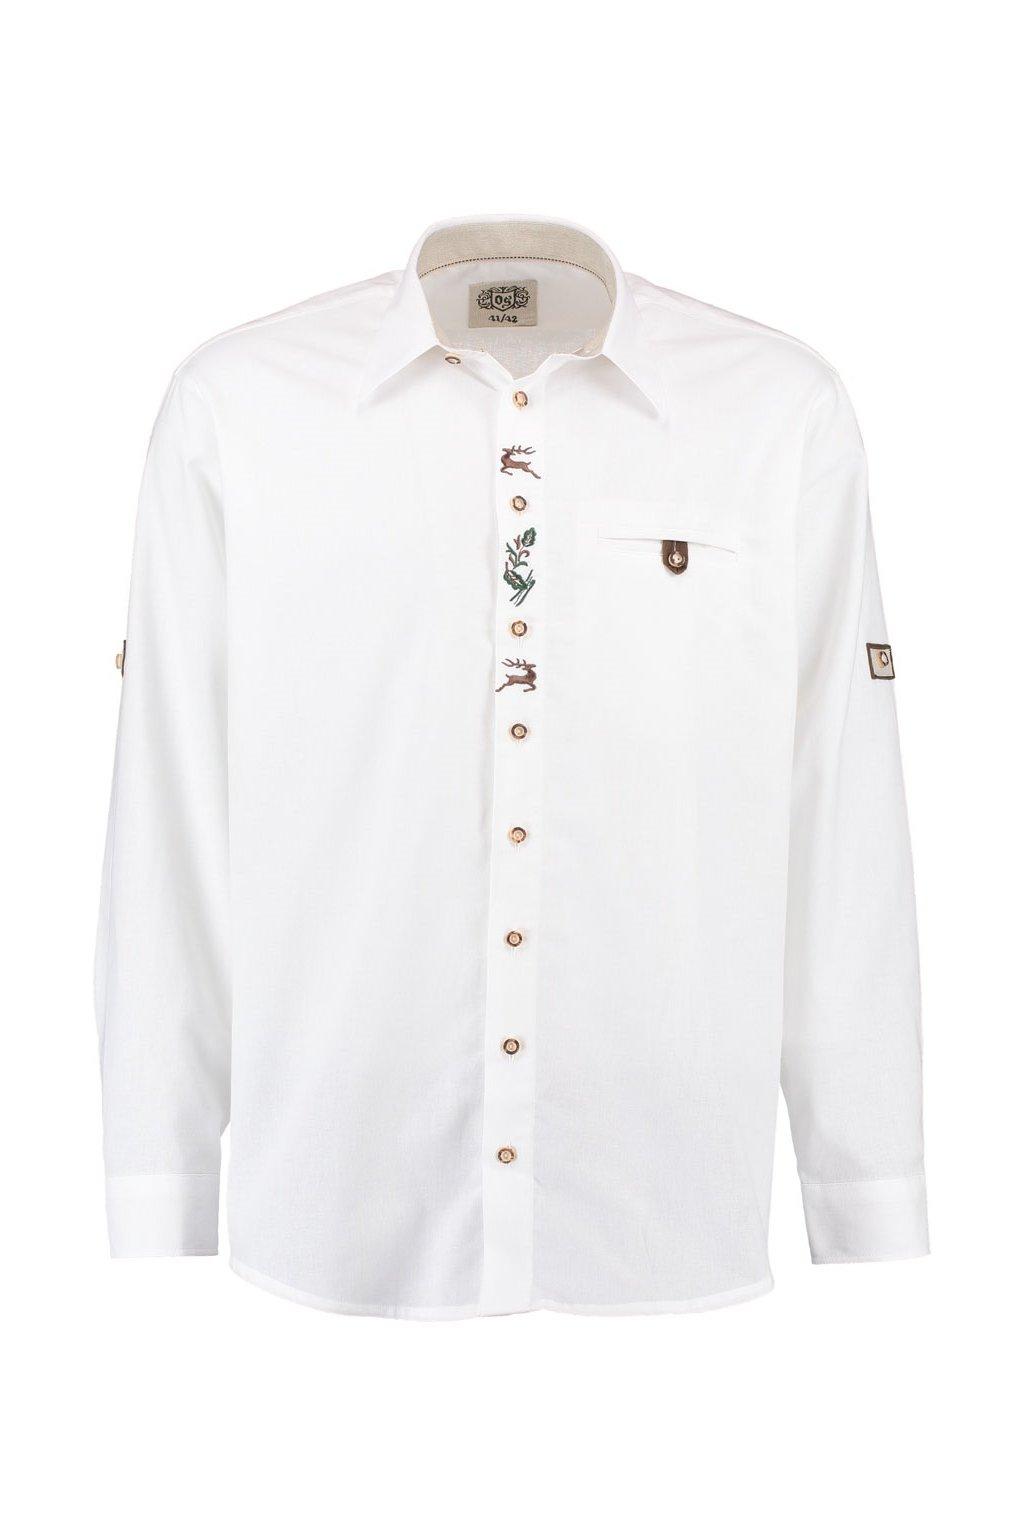 ORBIS - Košile pánská bílá REGULAR FIT (1913)